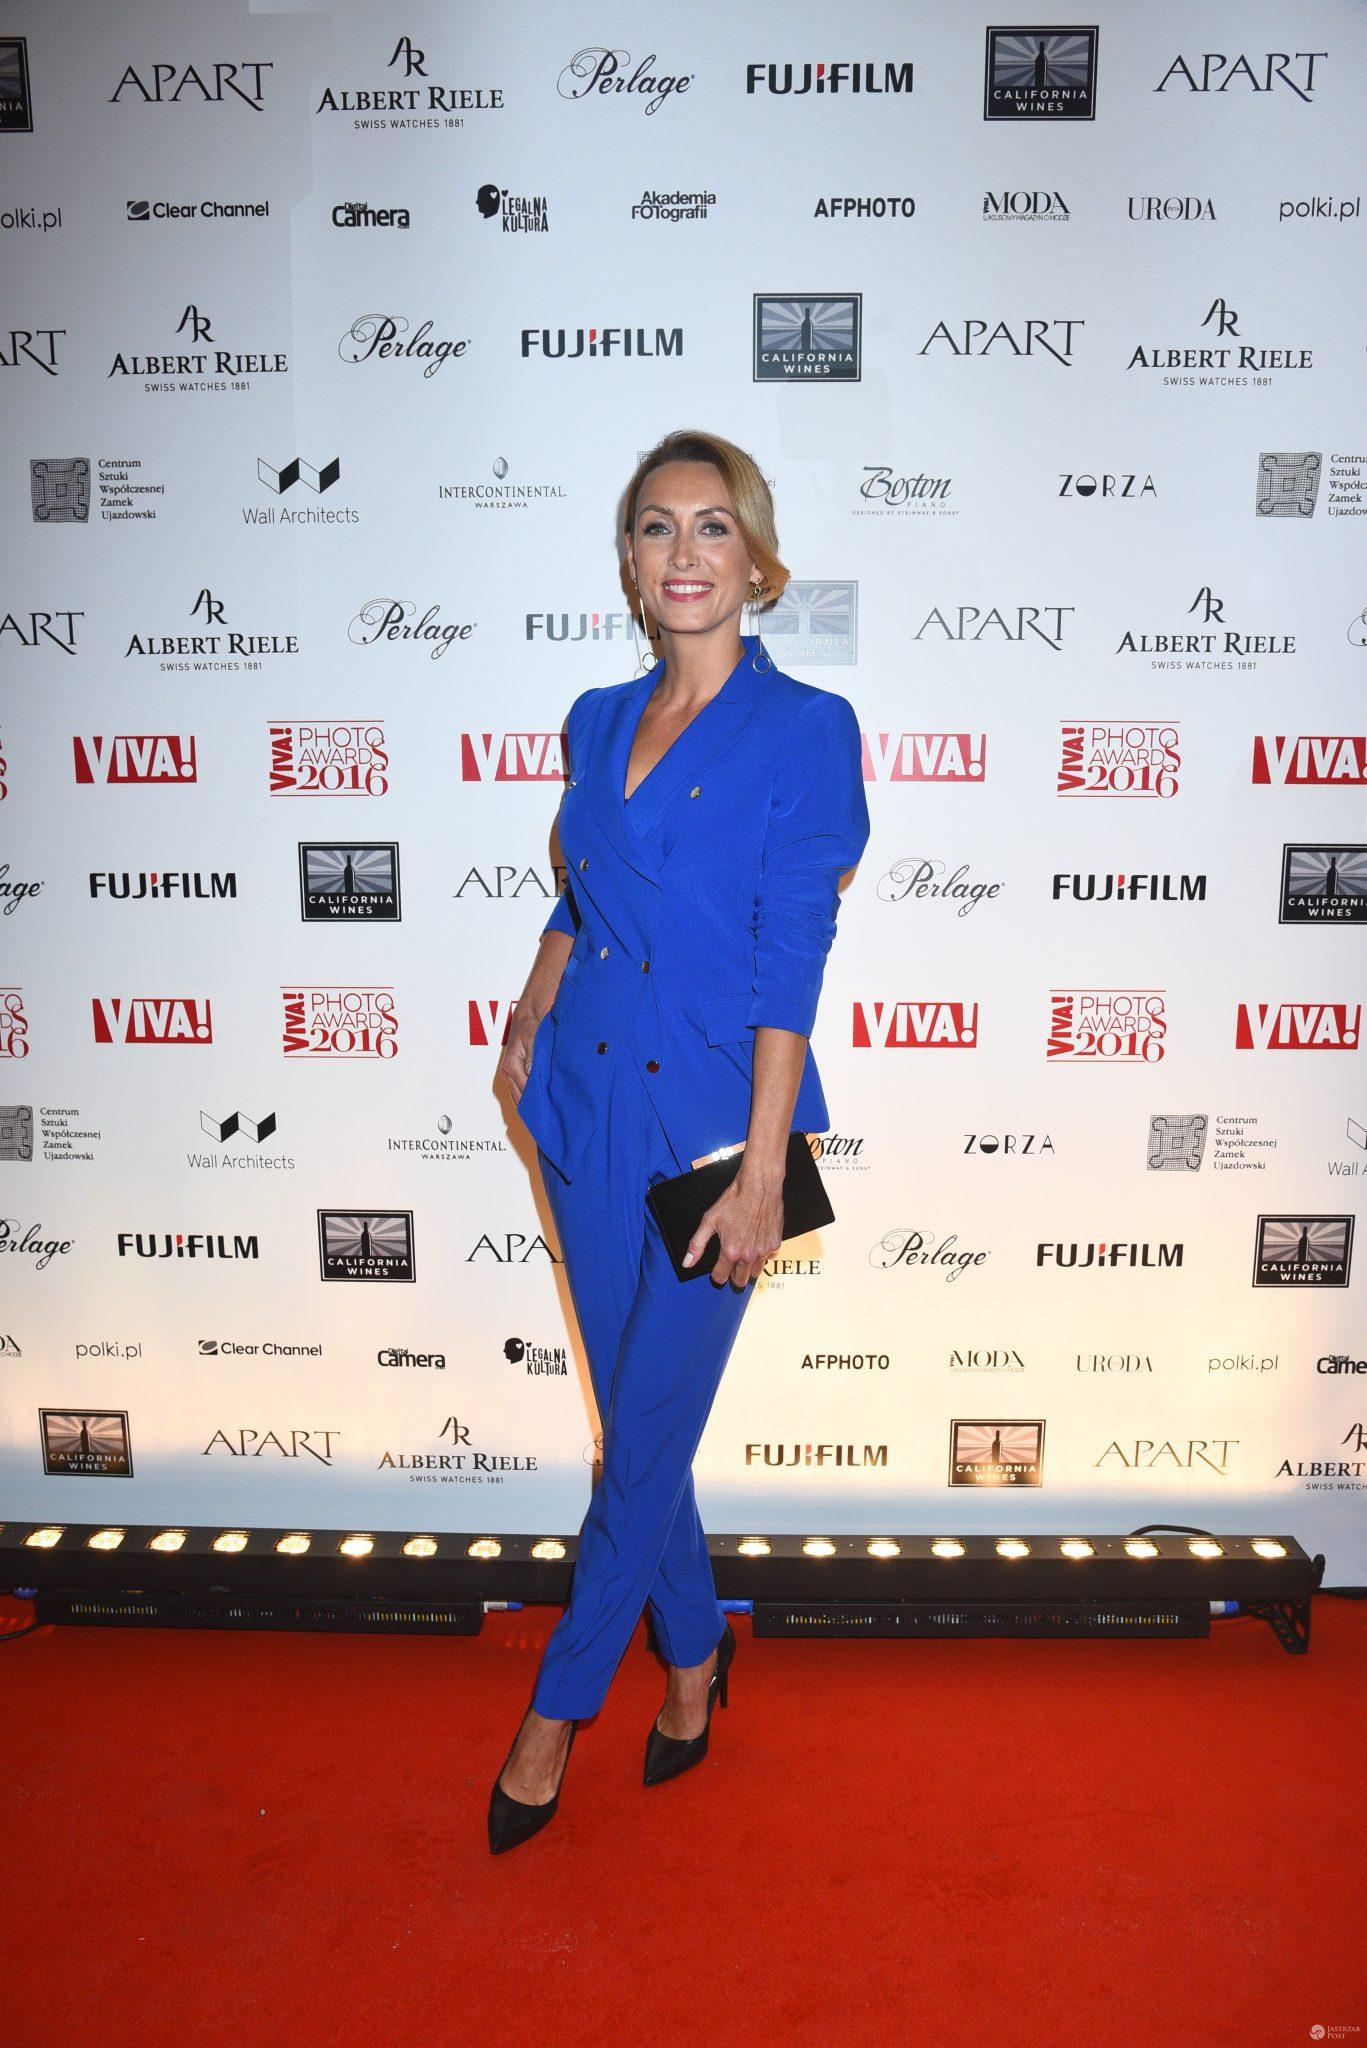 Anna Kalczyńska - Viva Photo Awards